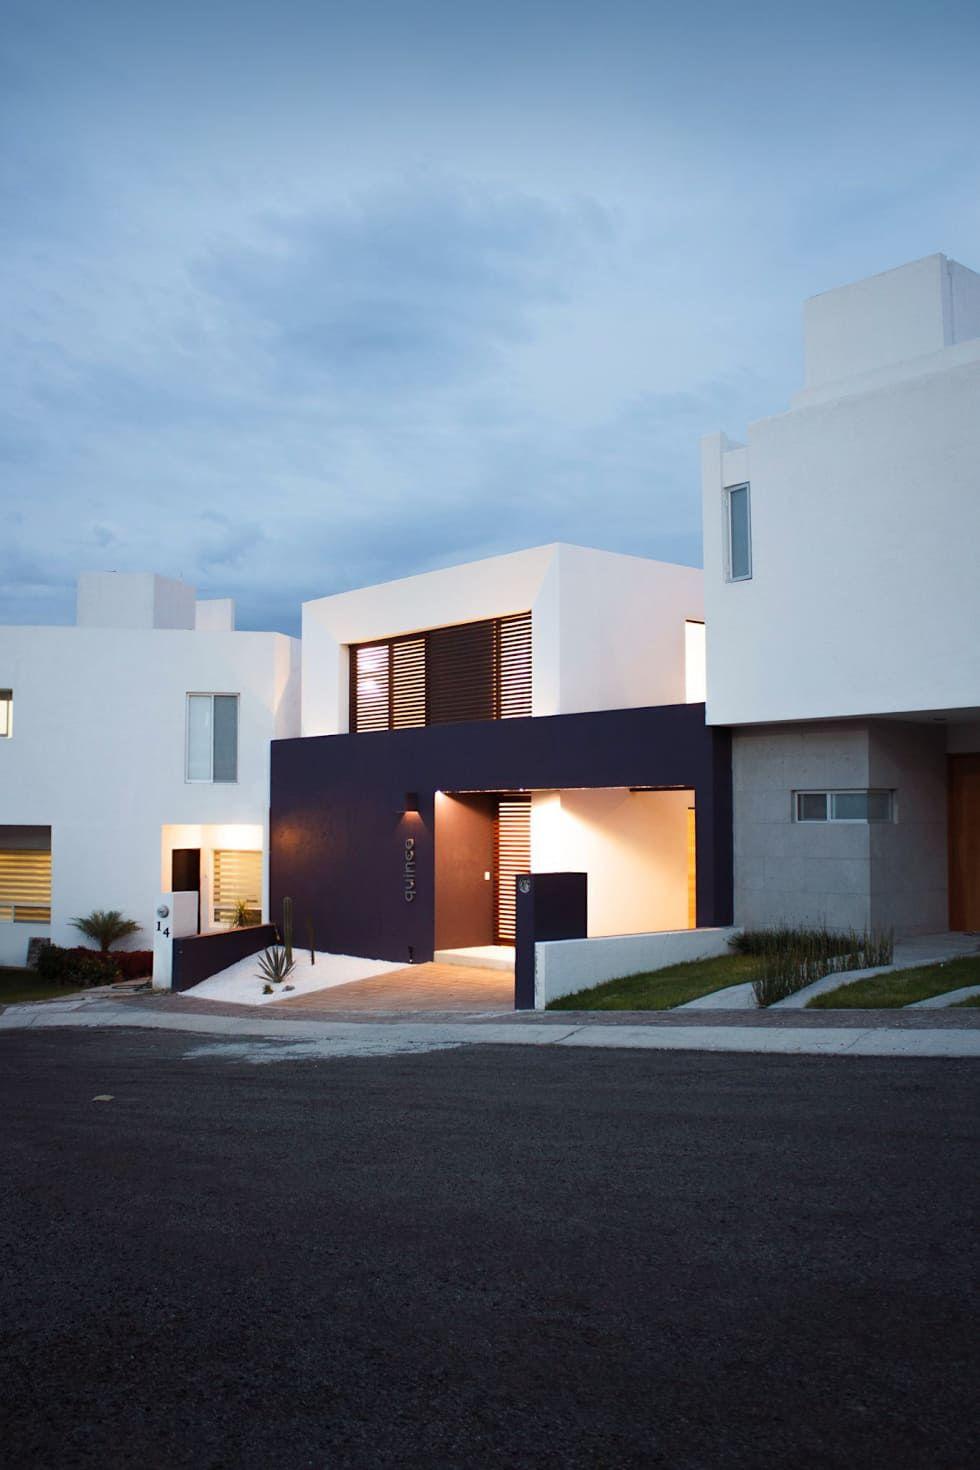 De noche casas de estilo por regi n 4 arquitectura for Casa minimalista 4 5x15